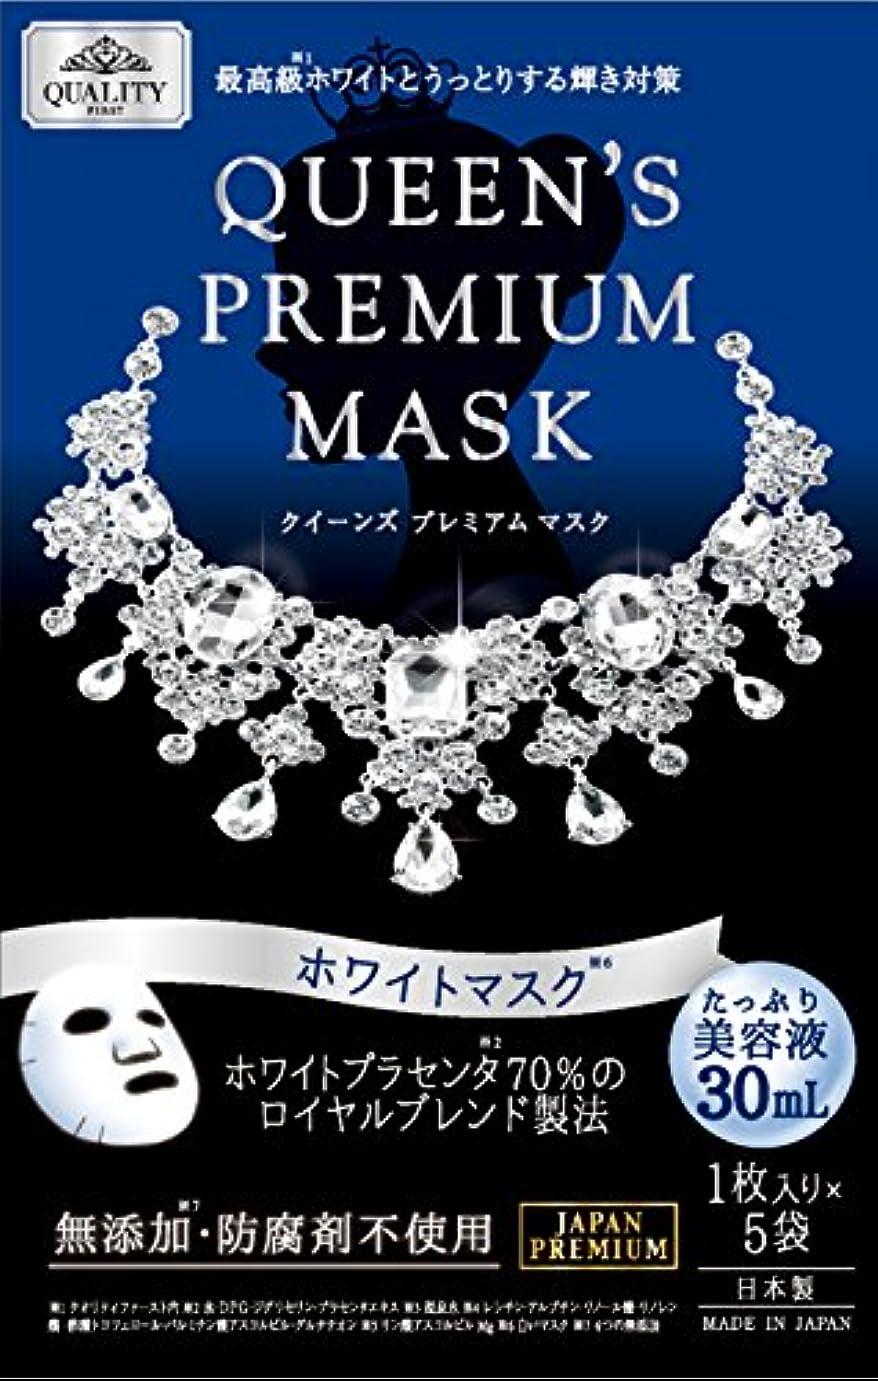 ディレイセラー心のこもったクイーンズプレミアムマスク ホワイトマスク 5枚入